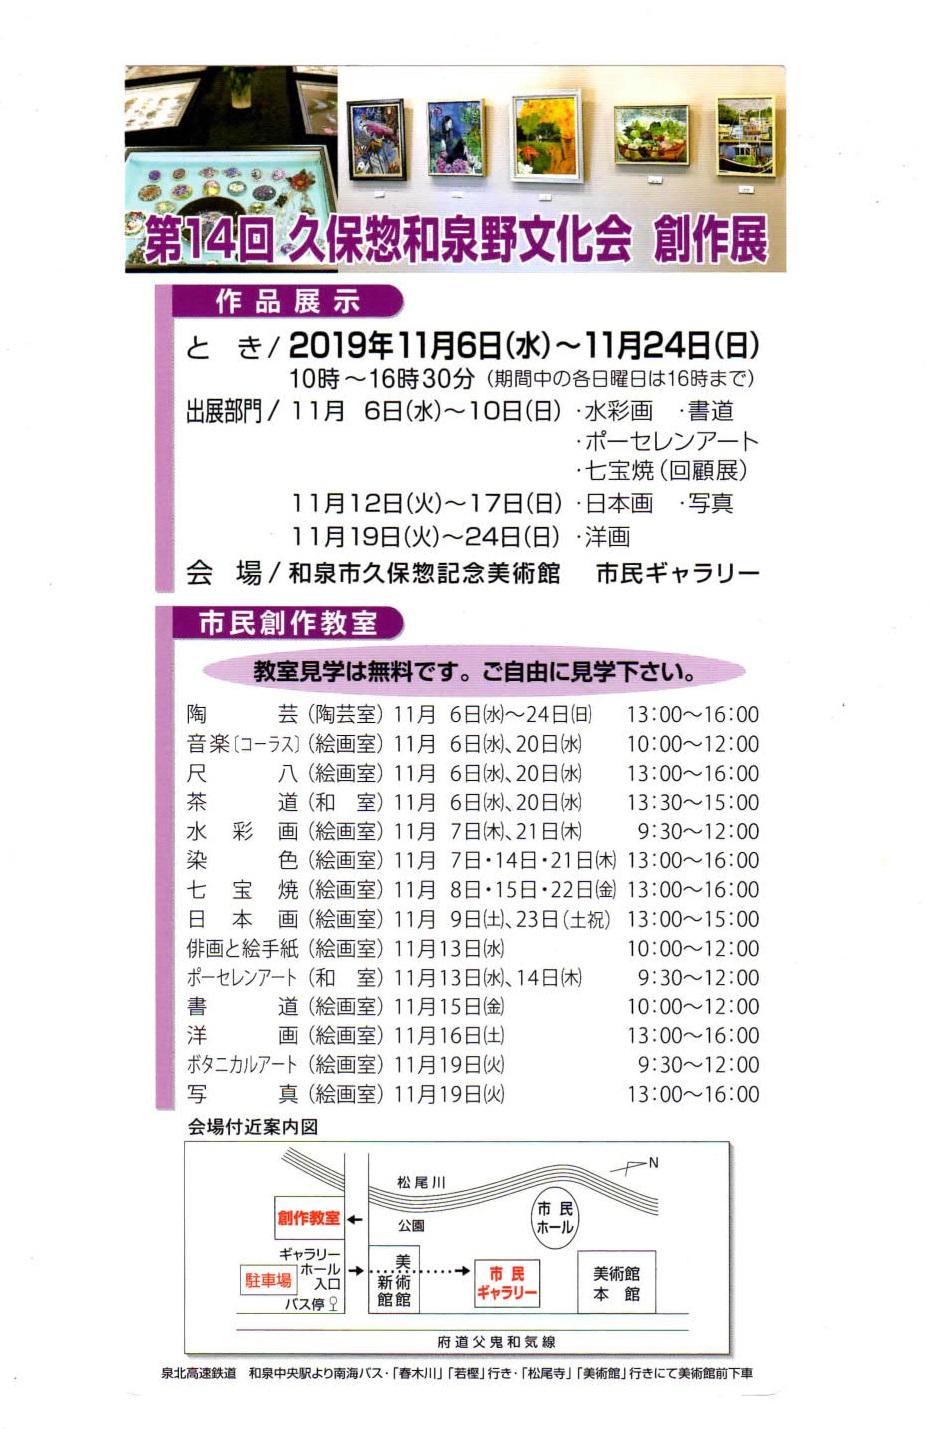 【終了】2019年11月6日(水)~24日(日)♪第14回 久保惣和泉野文化会 創作展♪開催!!